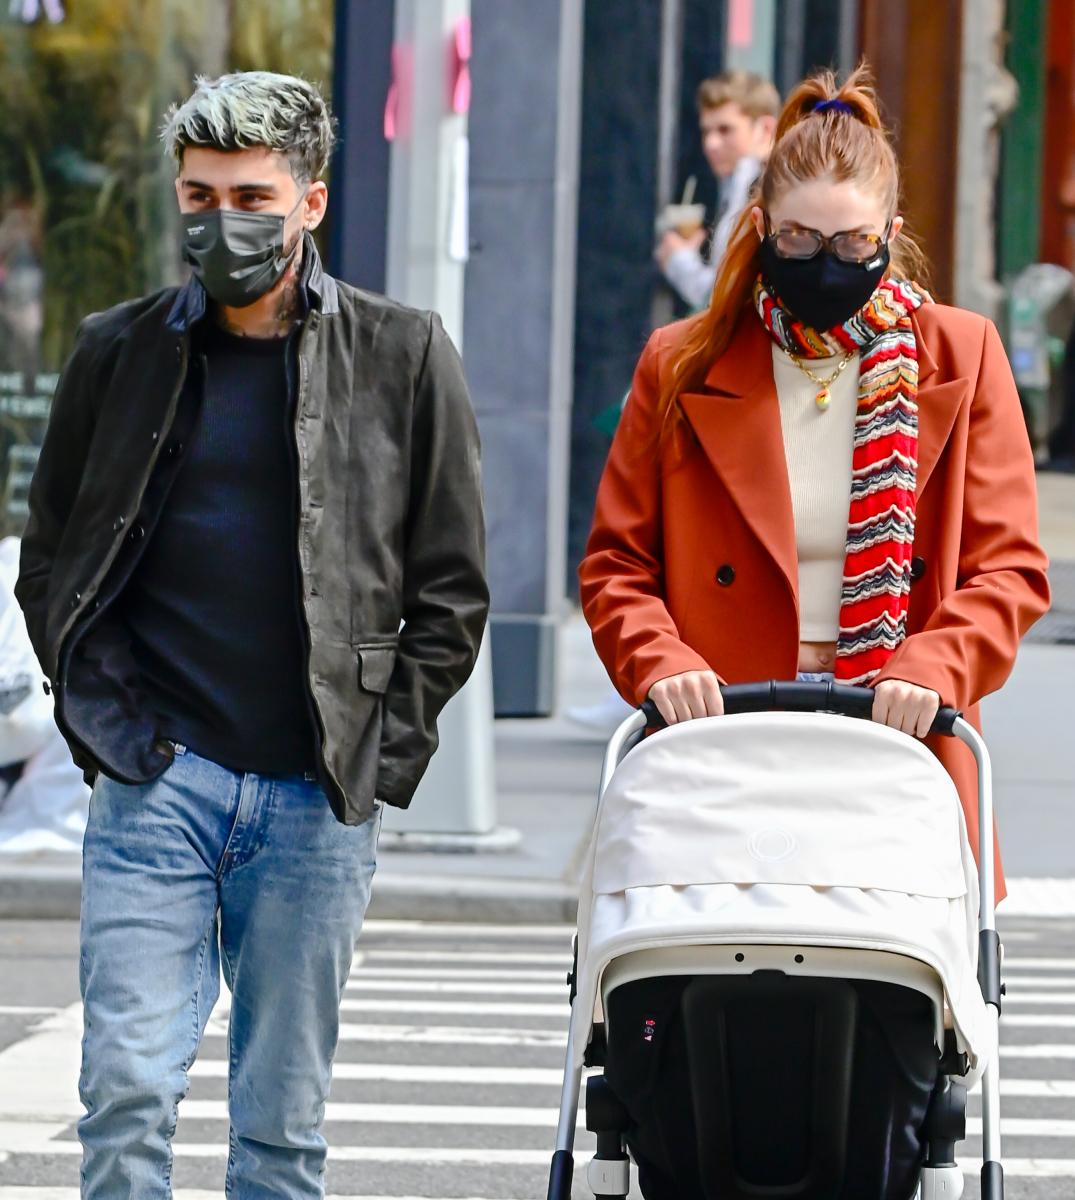 愛娘をベビーカーに乗せ、ジジとお散歩中のゼイン。Photo:Raymond Hall/GC Images